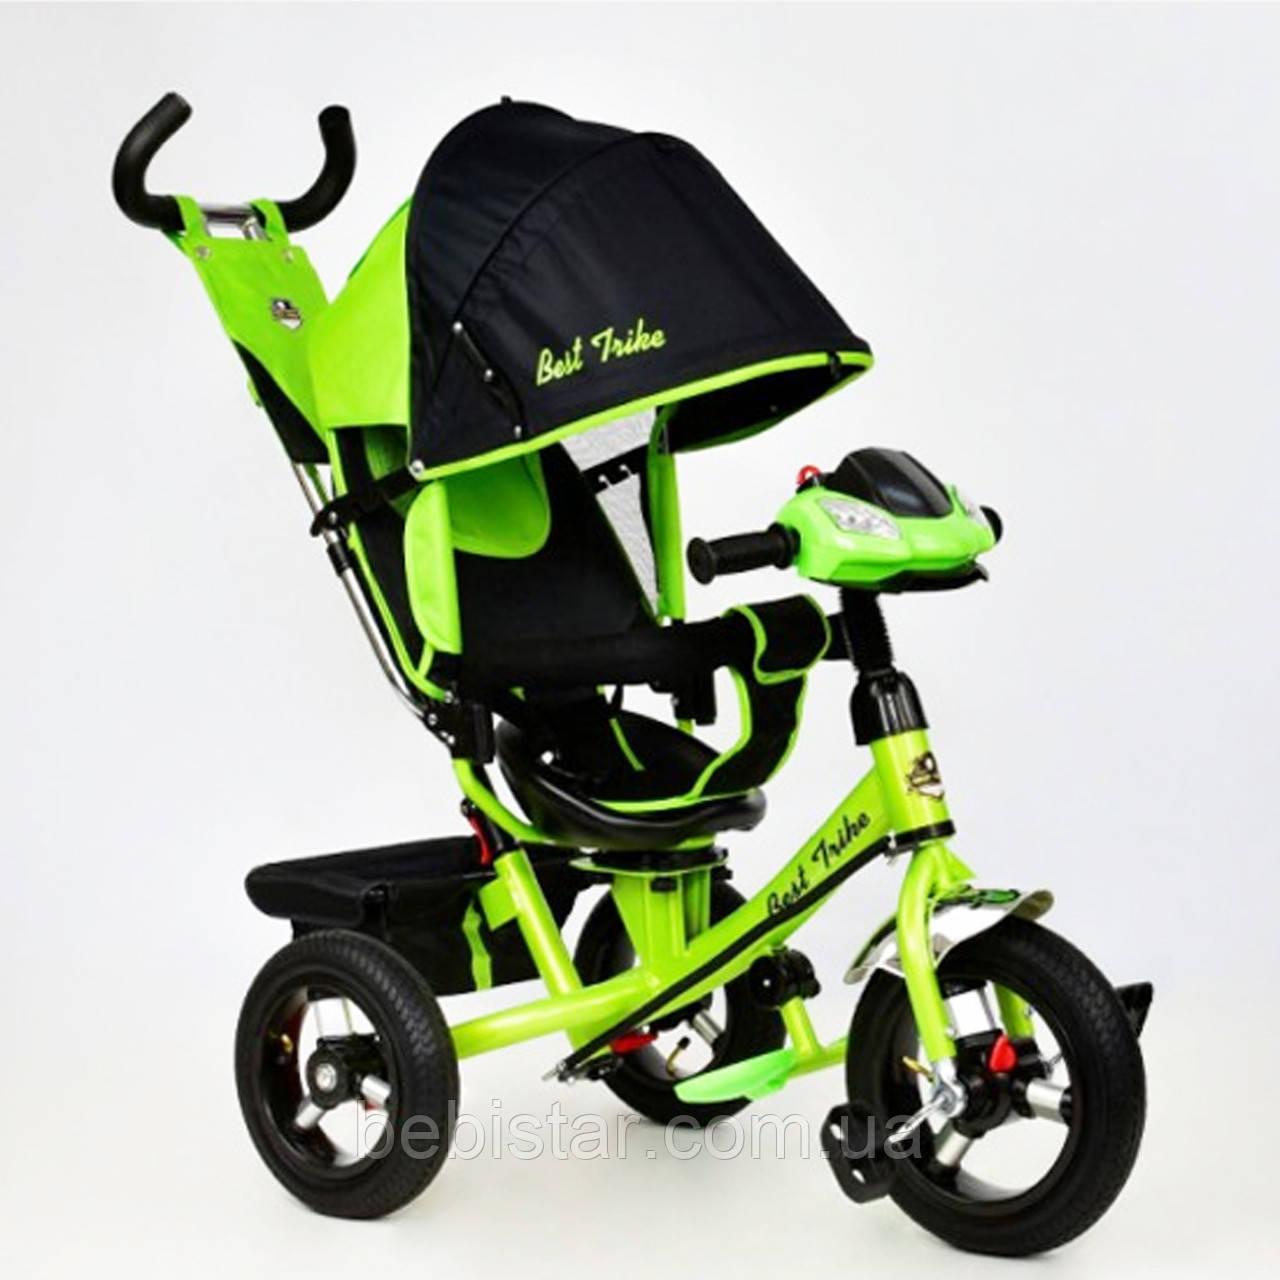 """Детский трехколесный велосипед """"Best TrikeВ7700"""" с музыкальной панелью и фарой, цвет: салатовый"""